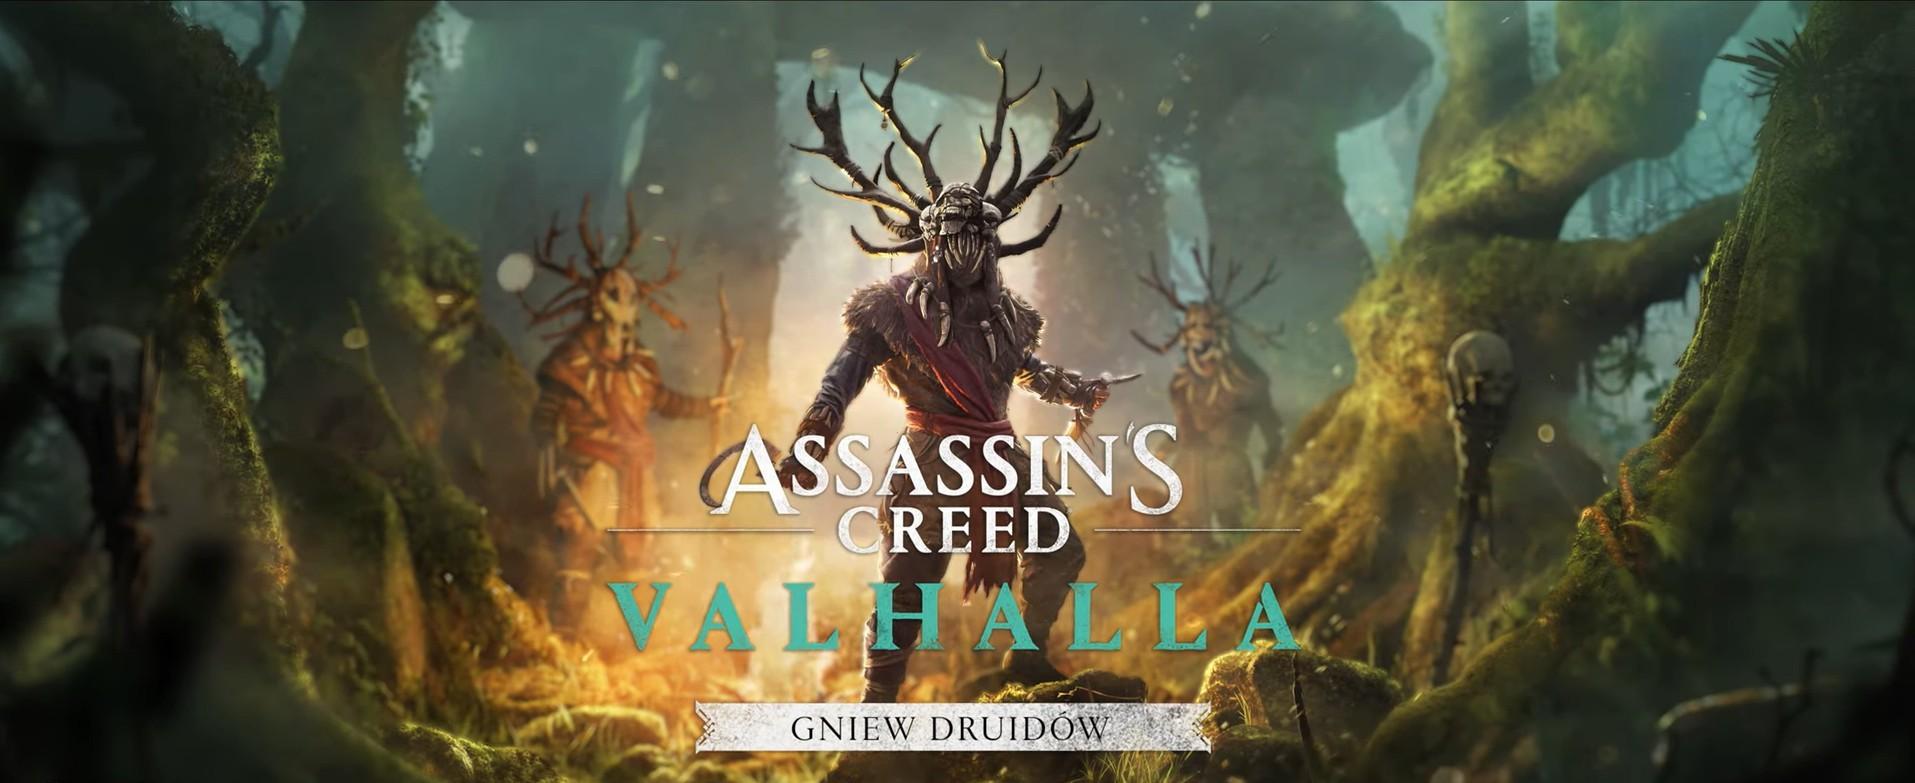 Assassin's Creed Valhalla z potężnym wsparciem po premierze